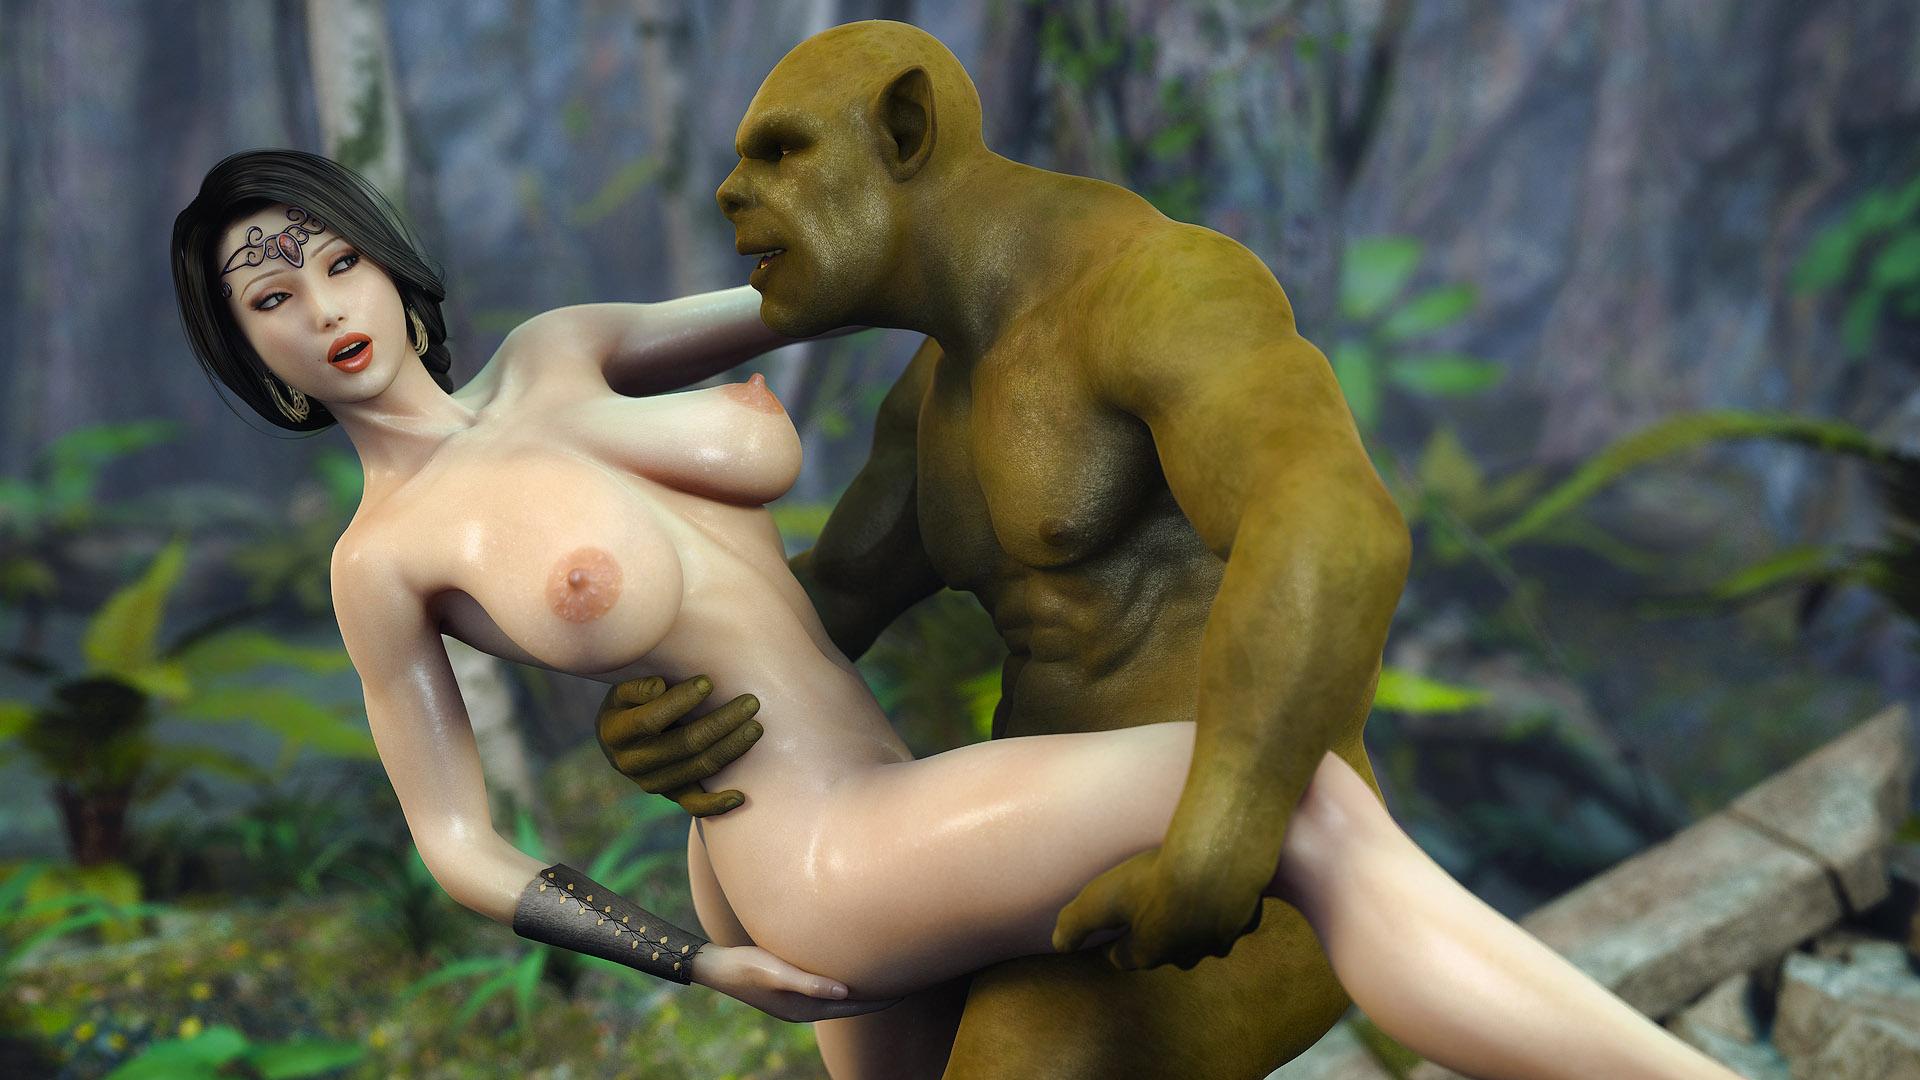 мультфильм 3-d порно